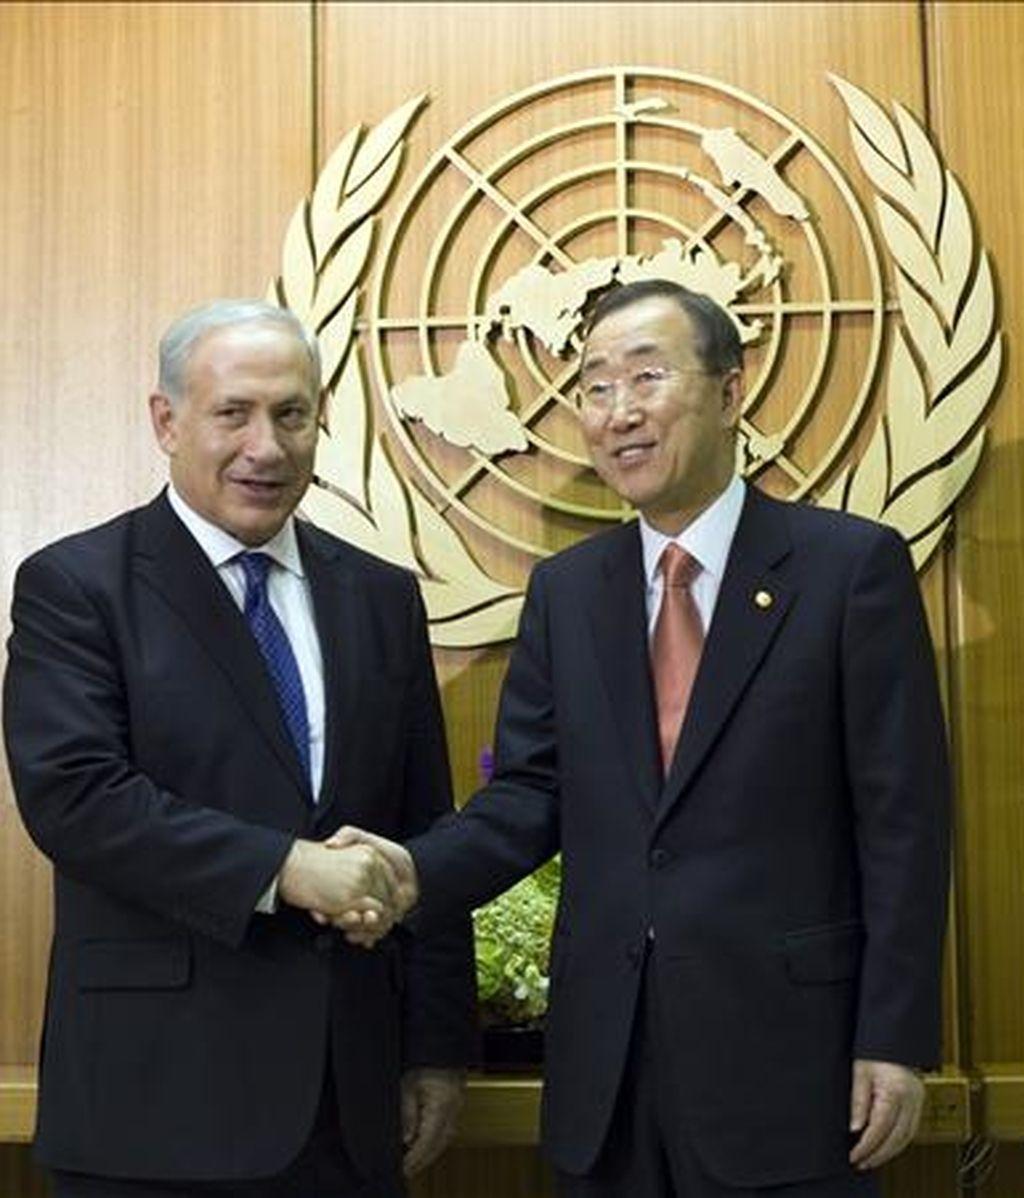 El secretario general de la ONU, Ban Ki-moon (d), y el primer ministro de Israel, Benjamin Netanyahu (i). EFE/Archivo